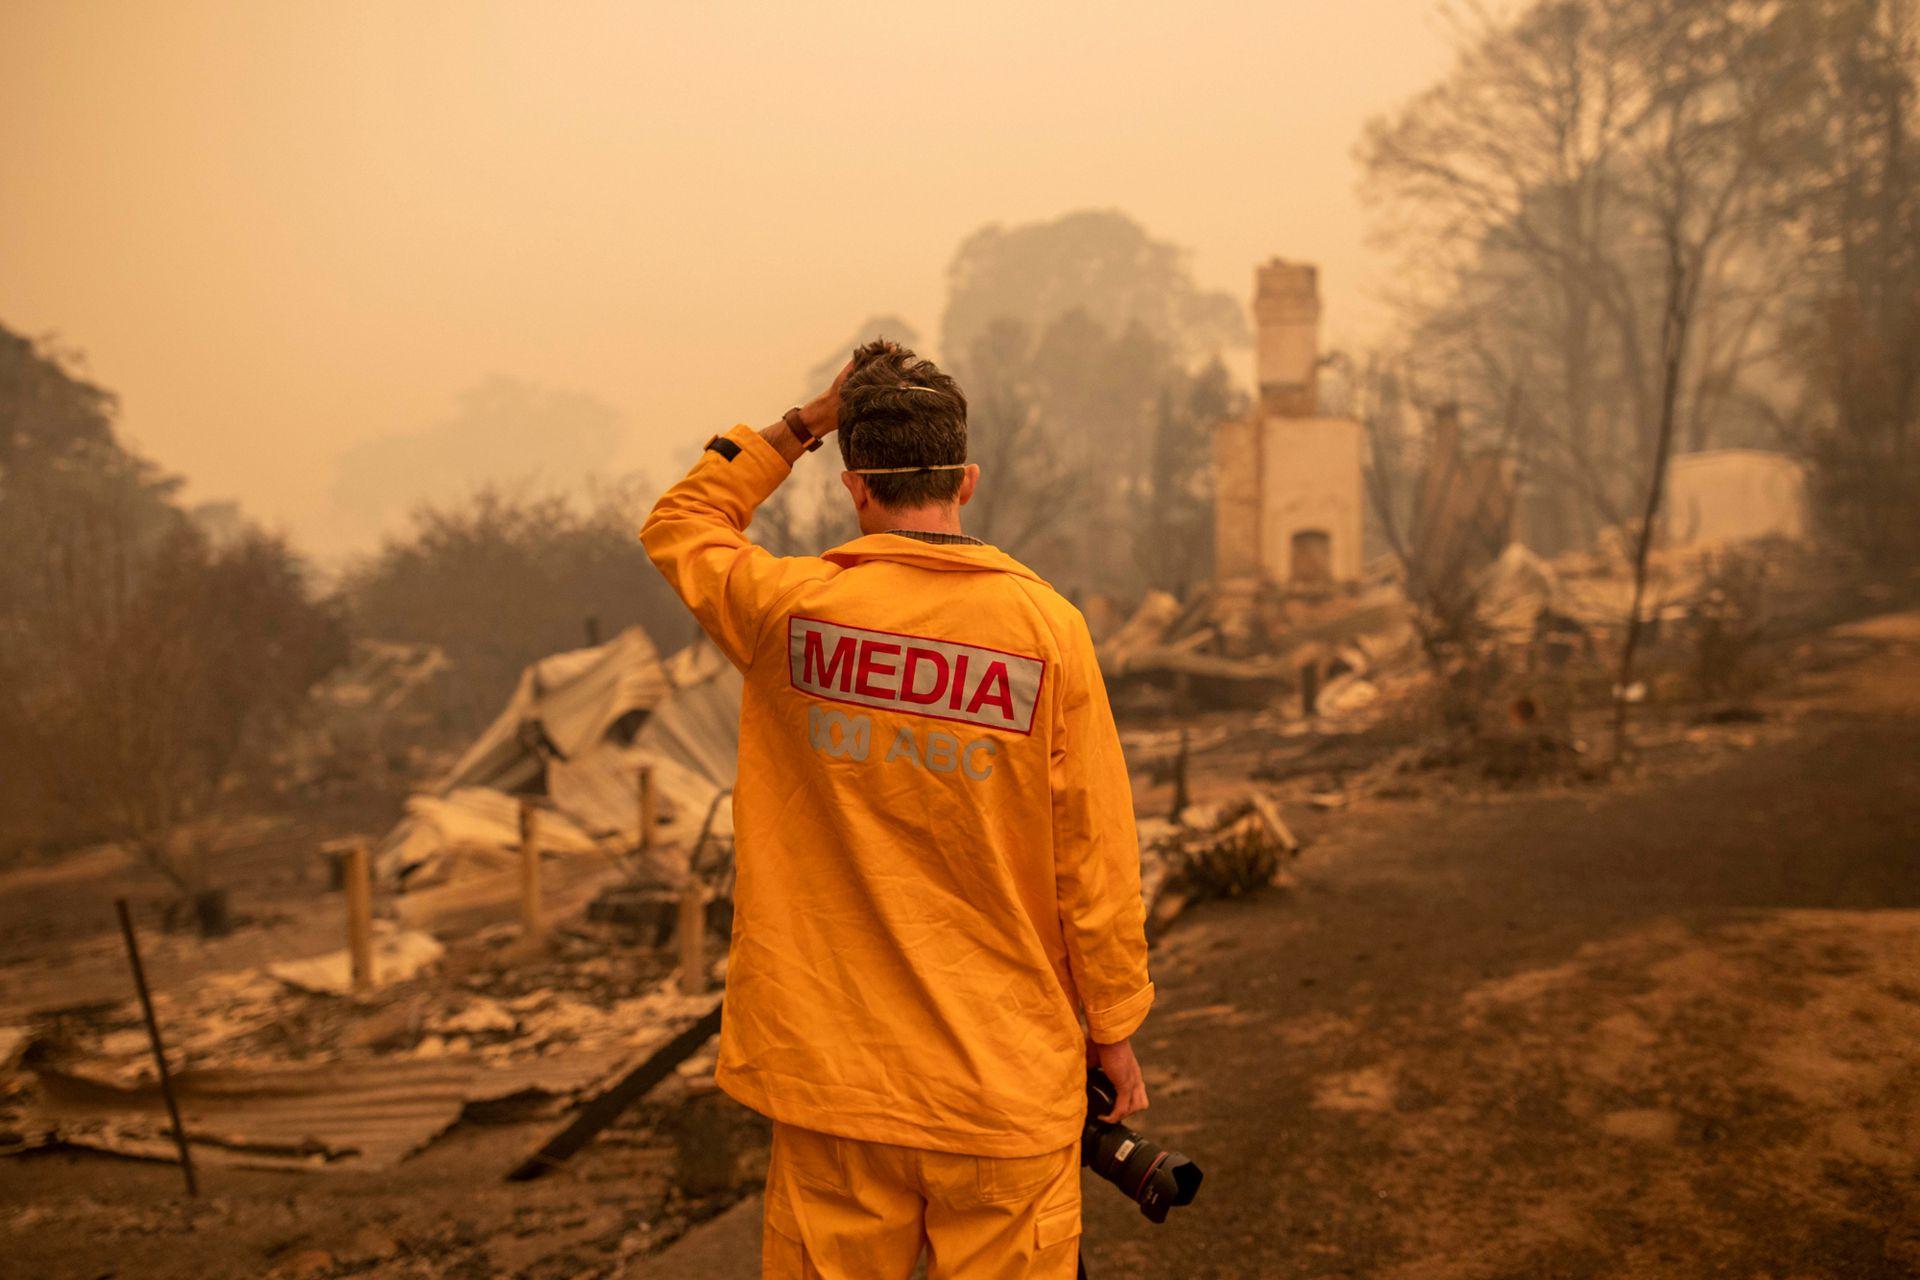 El fotógrafo de ABC Matt Roberts responde a la vista de la casa destruida de su hermana después de un incendio forestal en Quaama, Australia. El fuego destruyó más de 200 casas y miles de personas esperan auxilios, bloqueadas en las áreas afectadas por el fuego.